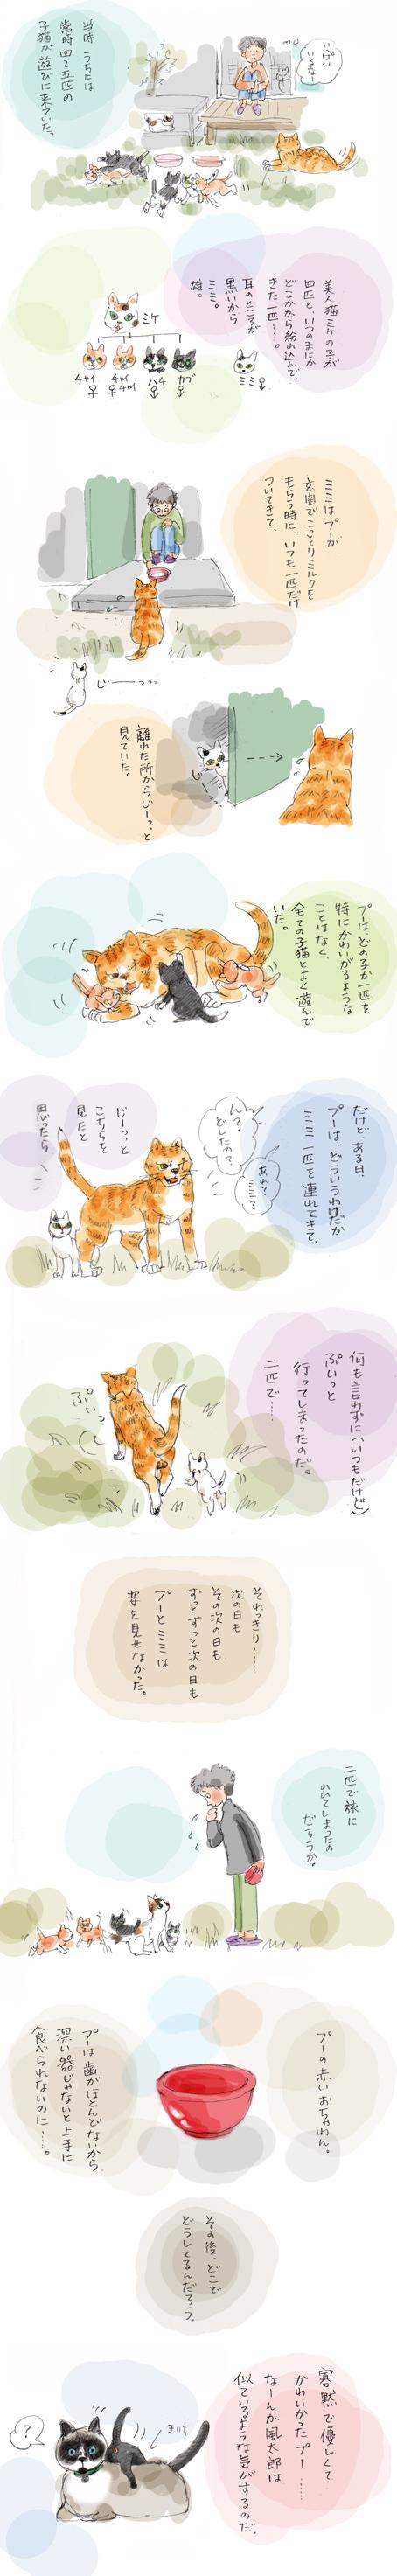 さすらいのプー (6)